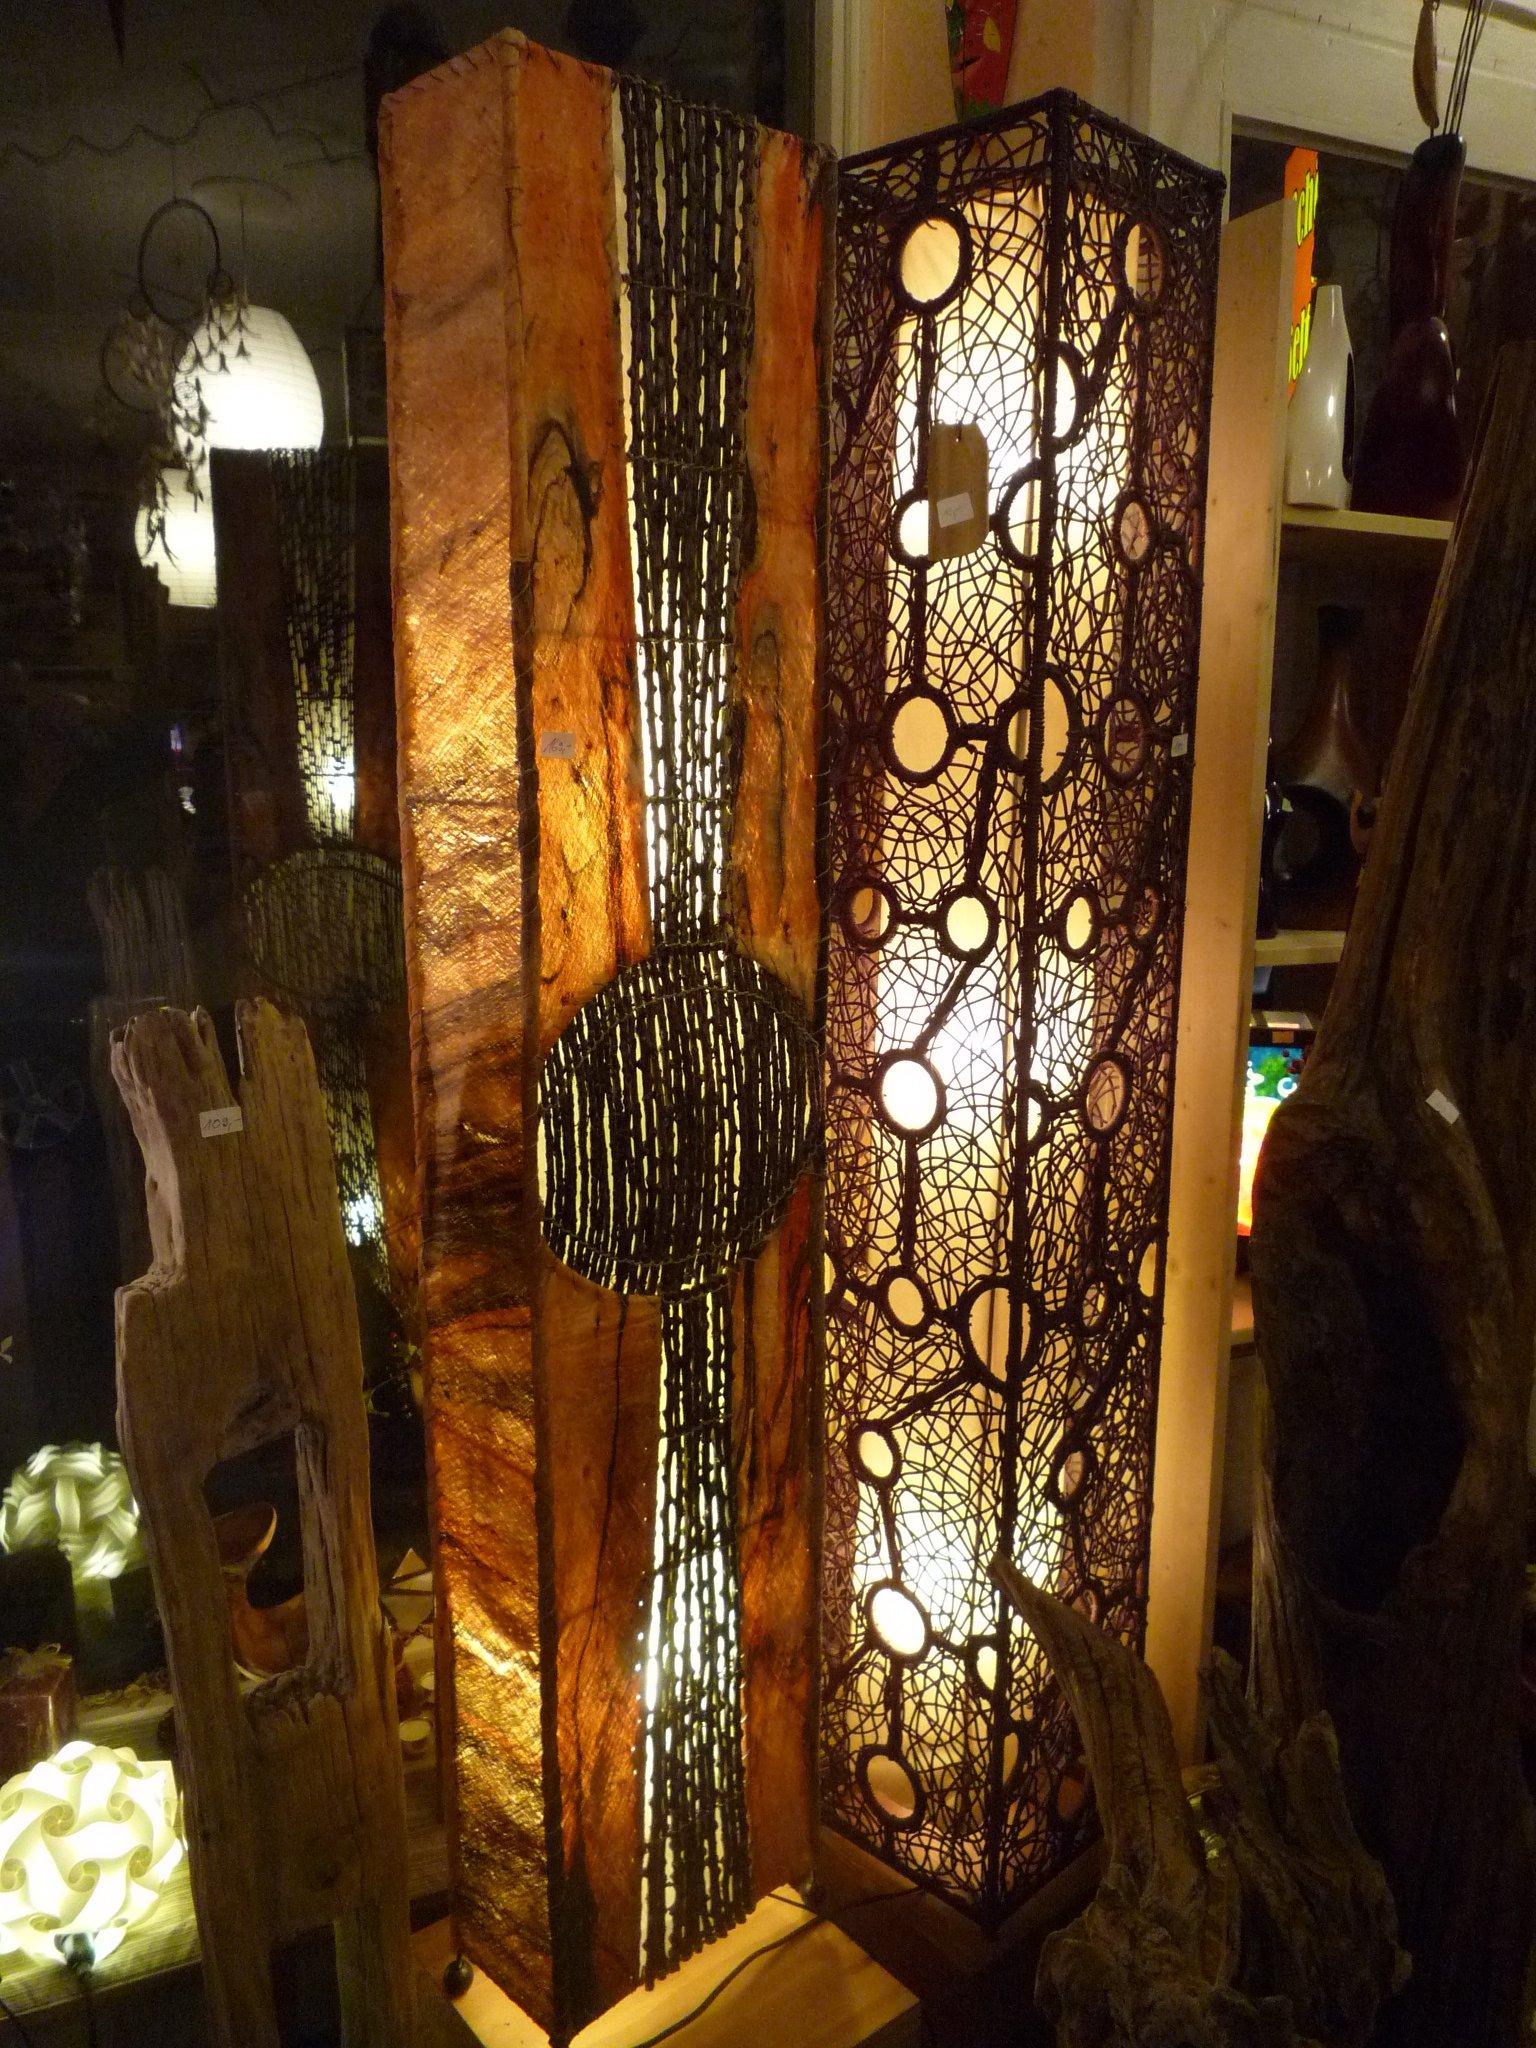 Lampe aus Bast farbig mit Luftwurzeln 150 x 30 cm - Naturlampen24.de